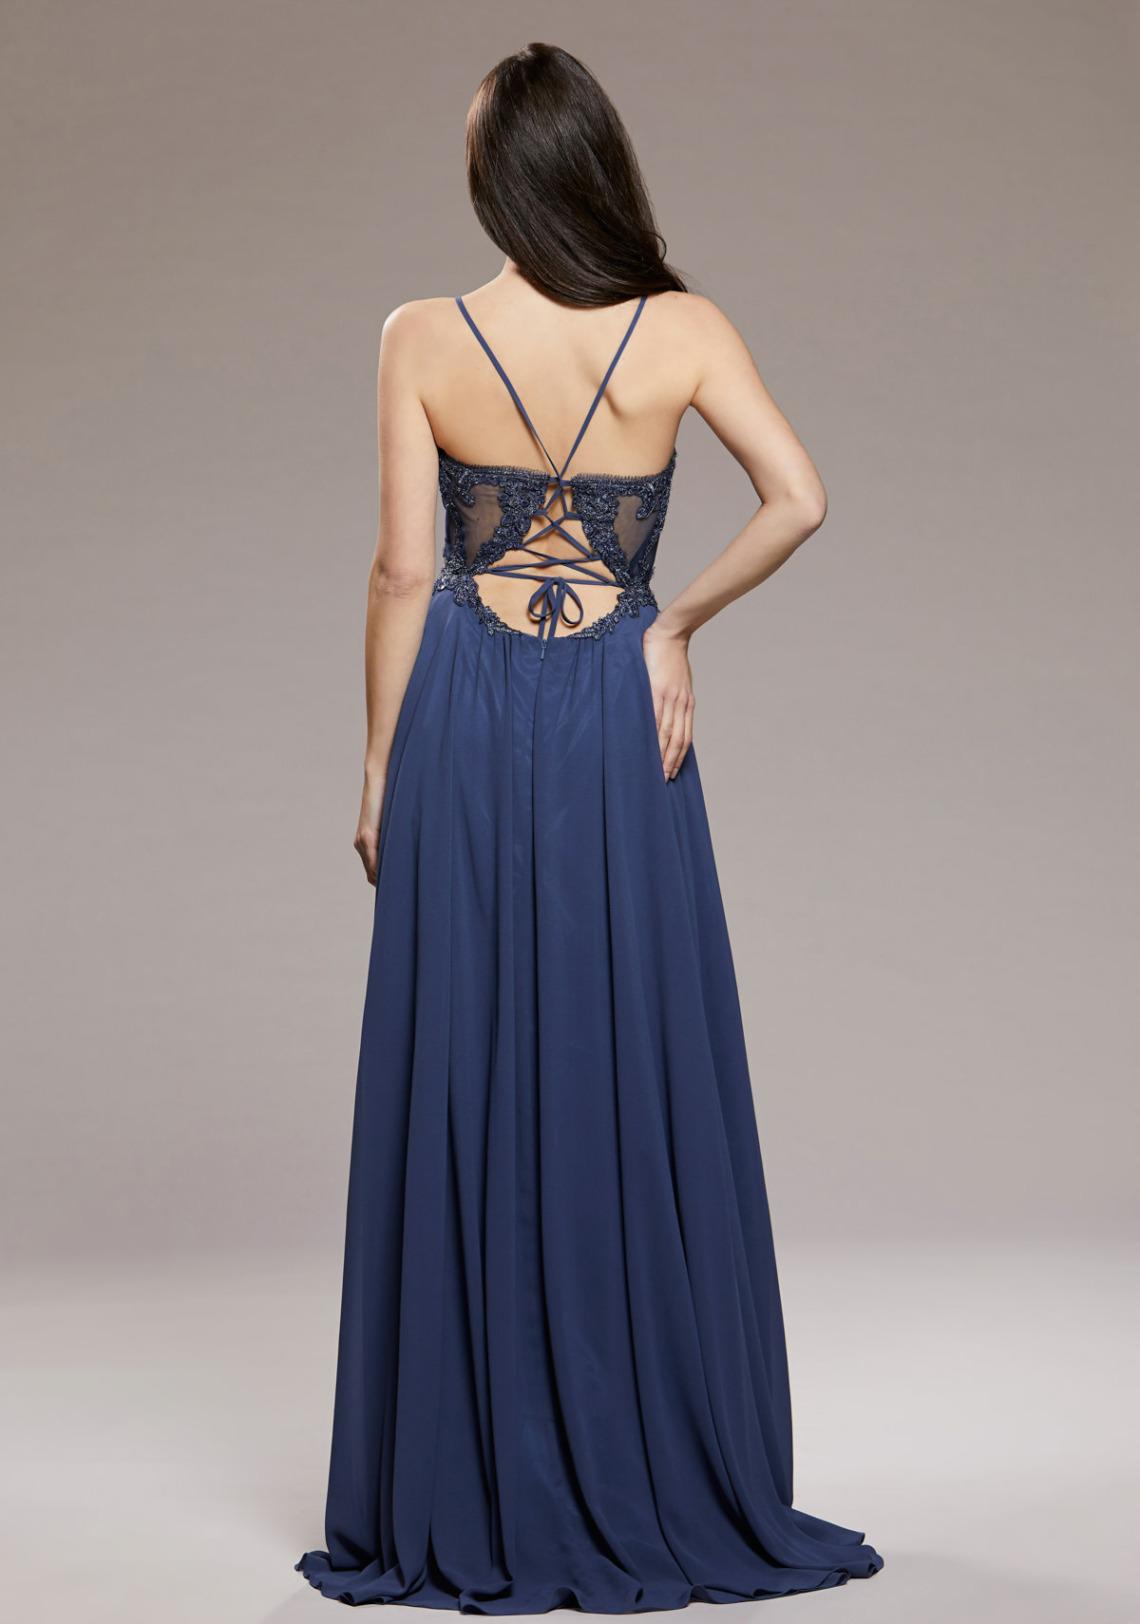 Blaues langes Abiballkleid mit V-Ausschnitt und sexy Rückenansicht. Ein Traum in A-Linie mit schmalen TrägernBallkleider lang schön ausgefallen V Ausschnitt